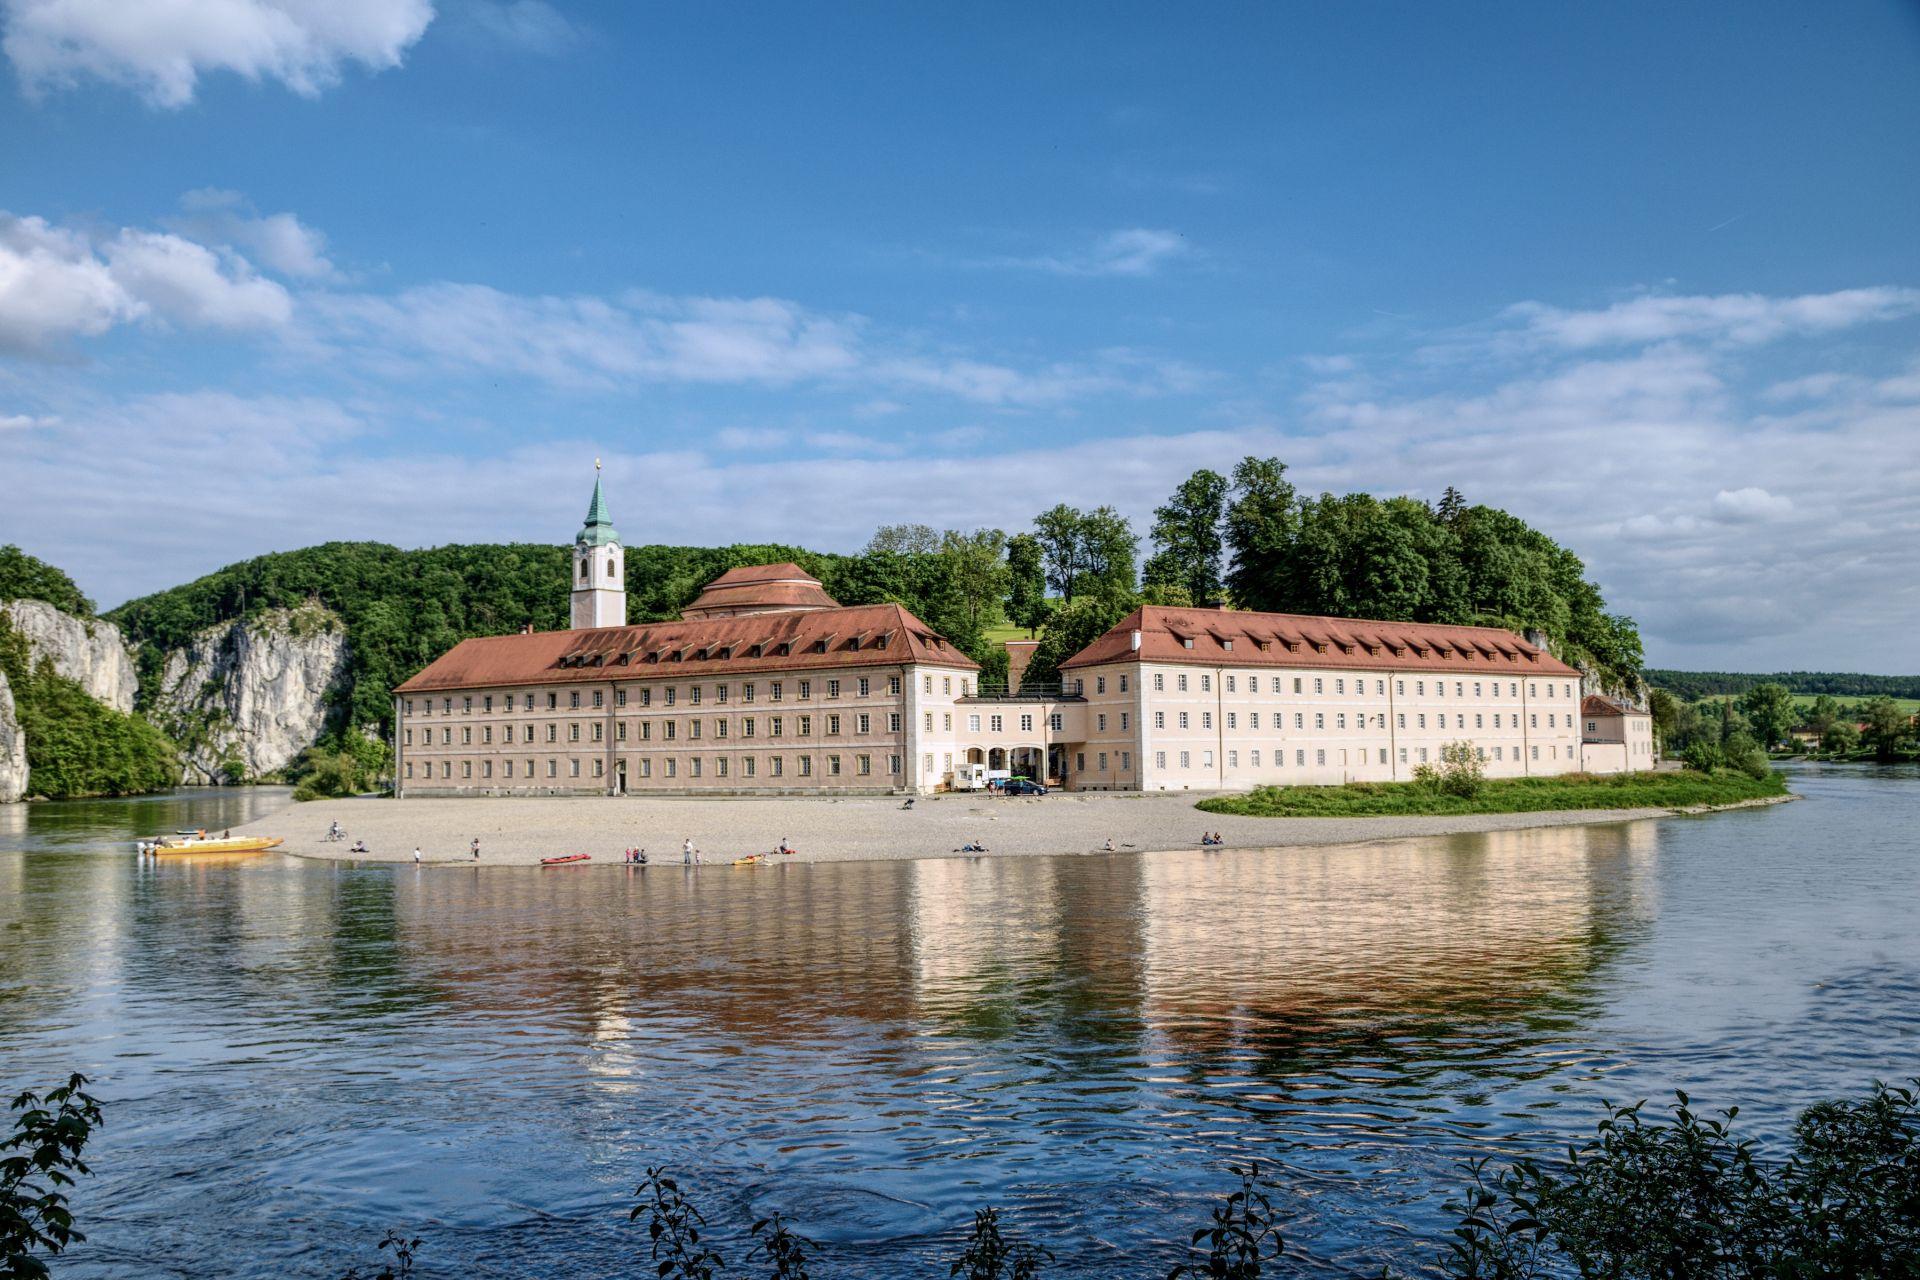 """Bild aus dem Fotowettbewerb """"Mein Lieblingsplatz im Landkreis Kelheim"""": Kloster Weltenburg fotografiert von Christian Kaindl"""